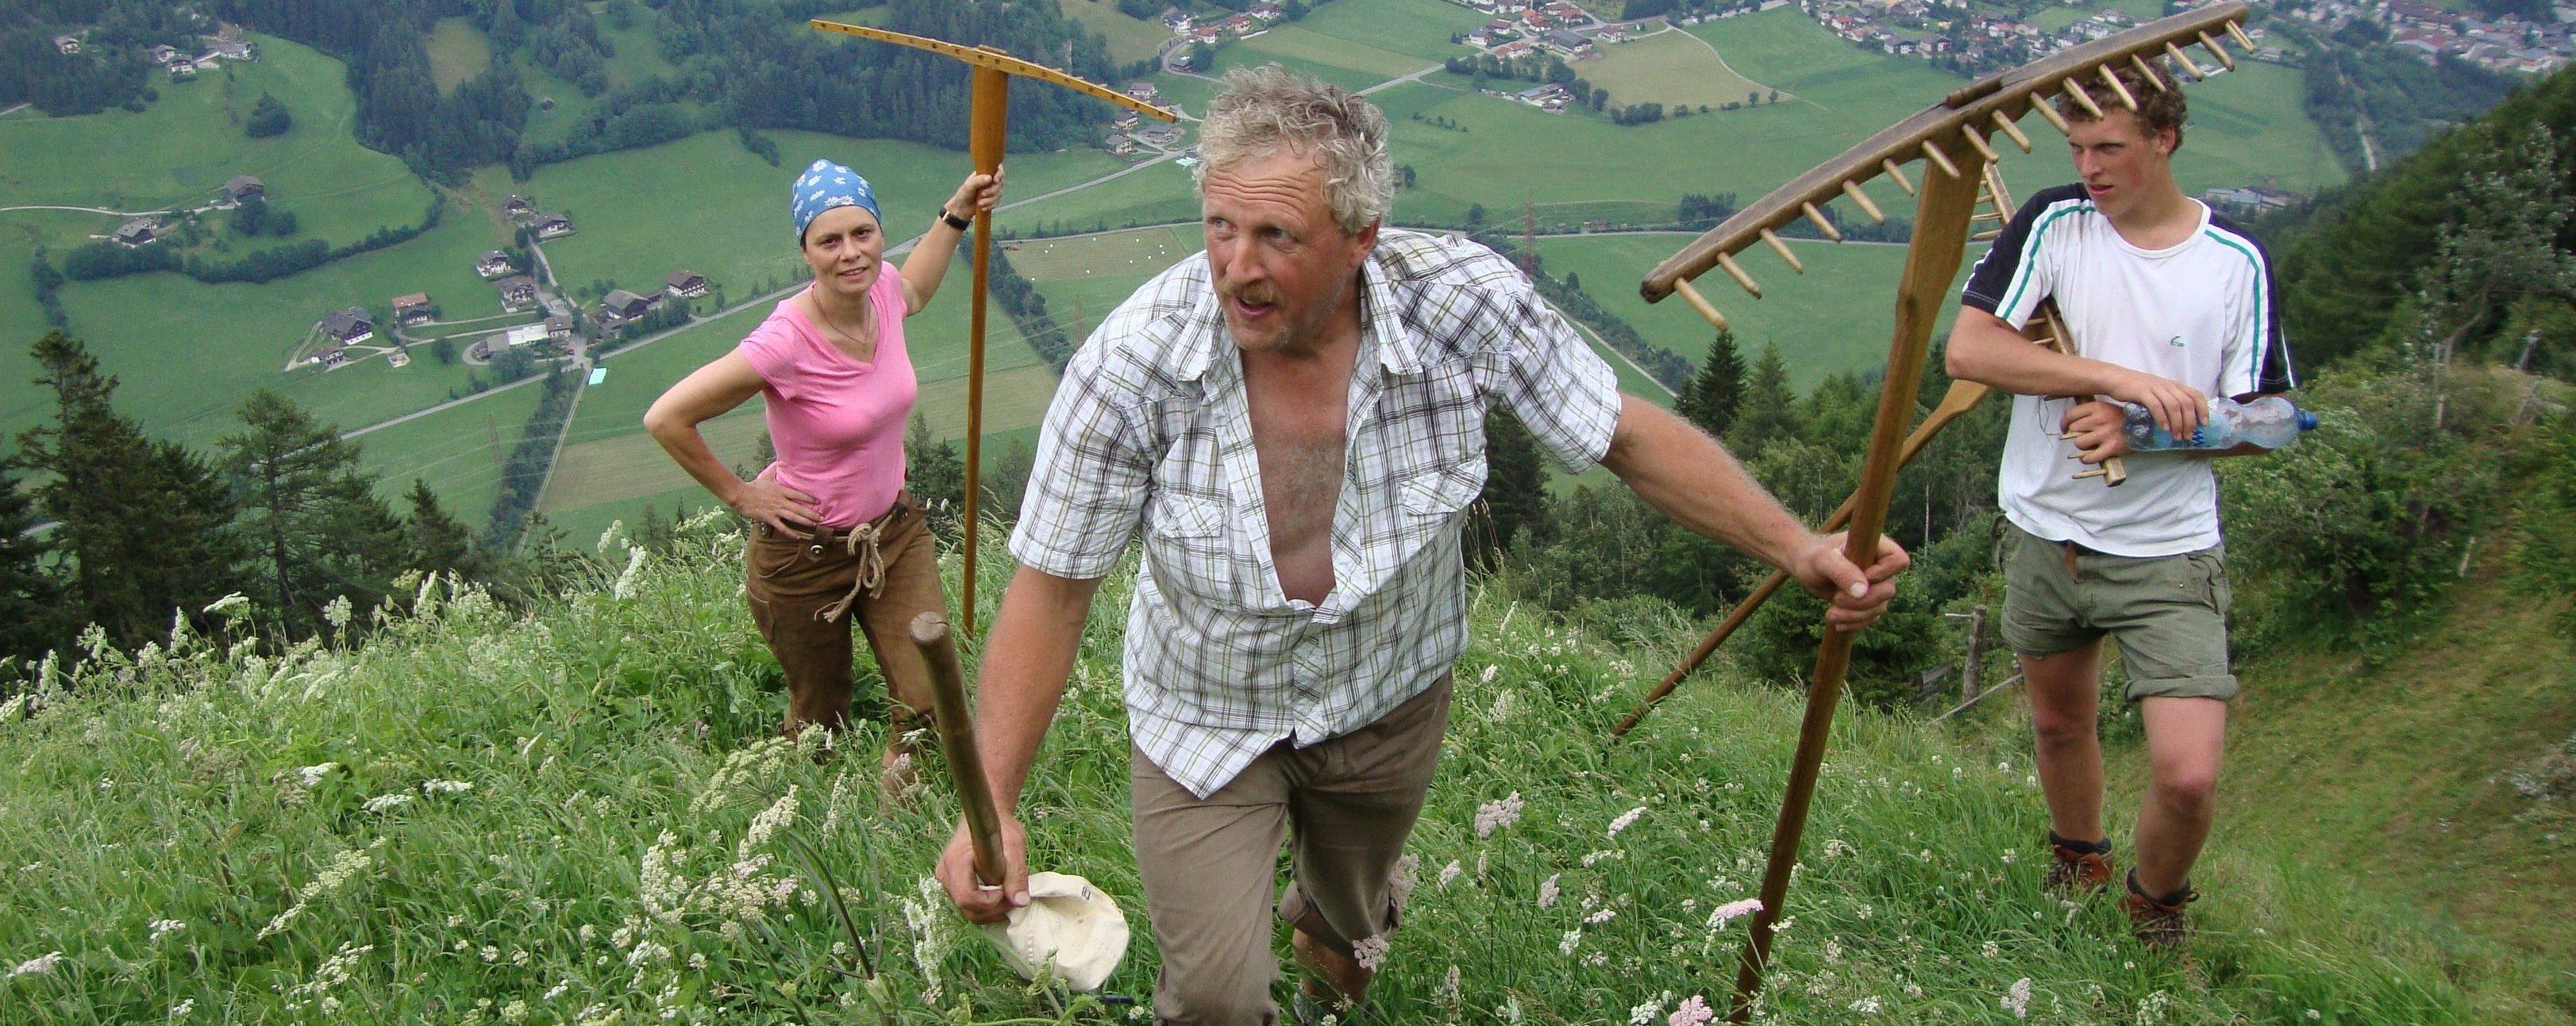 Die kulinarischen Abenteuer der Sarah Wiener in den Alpen